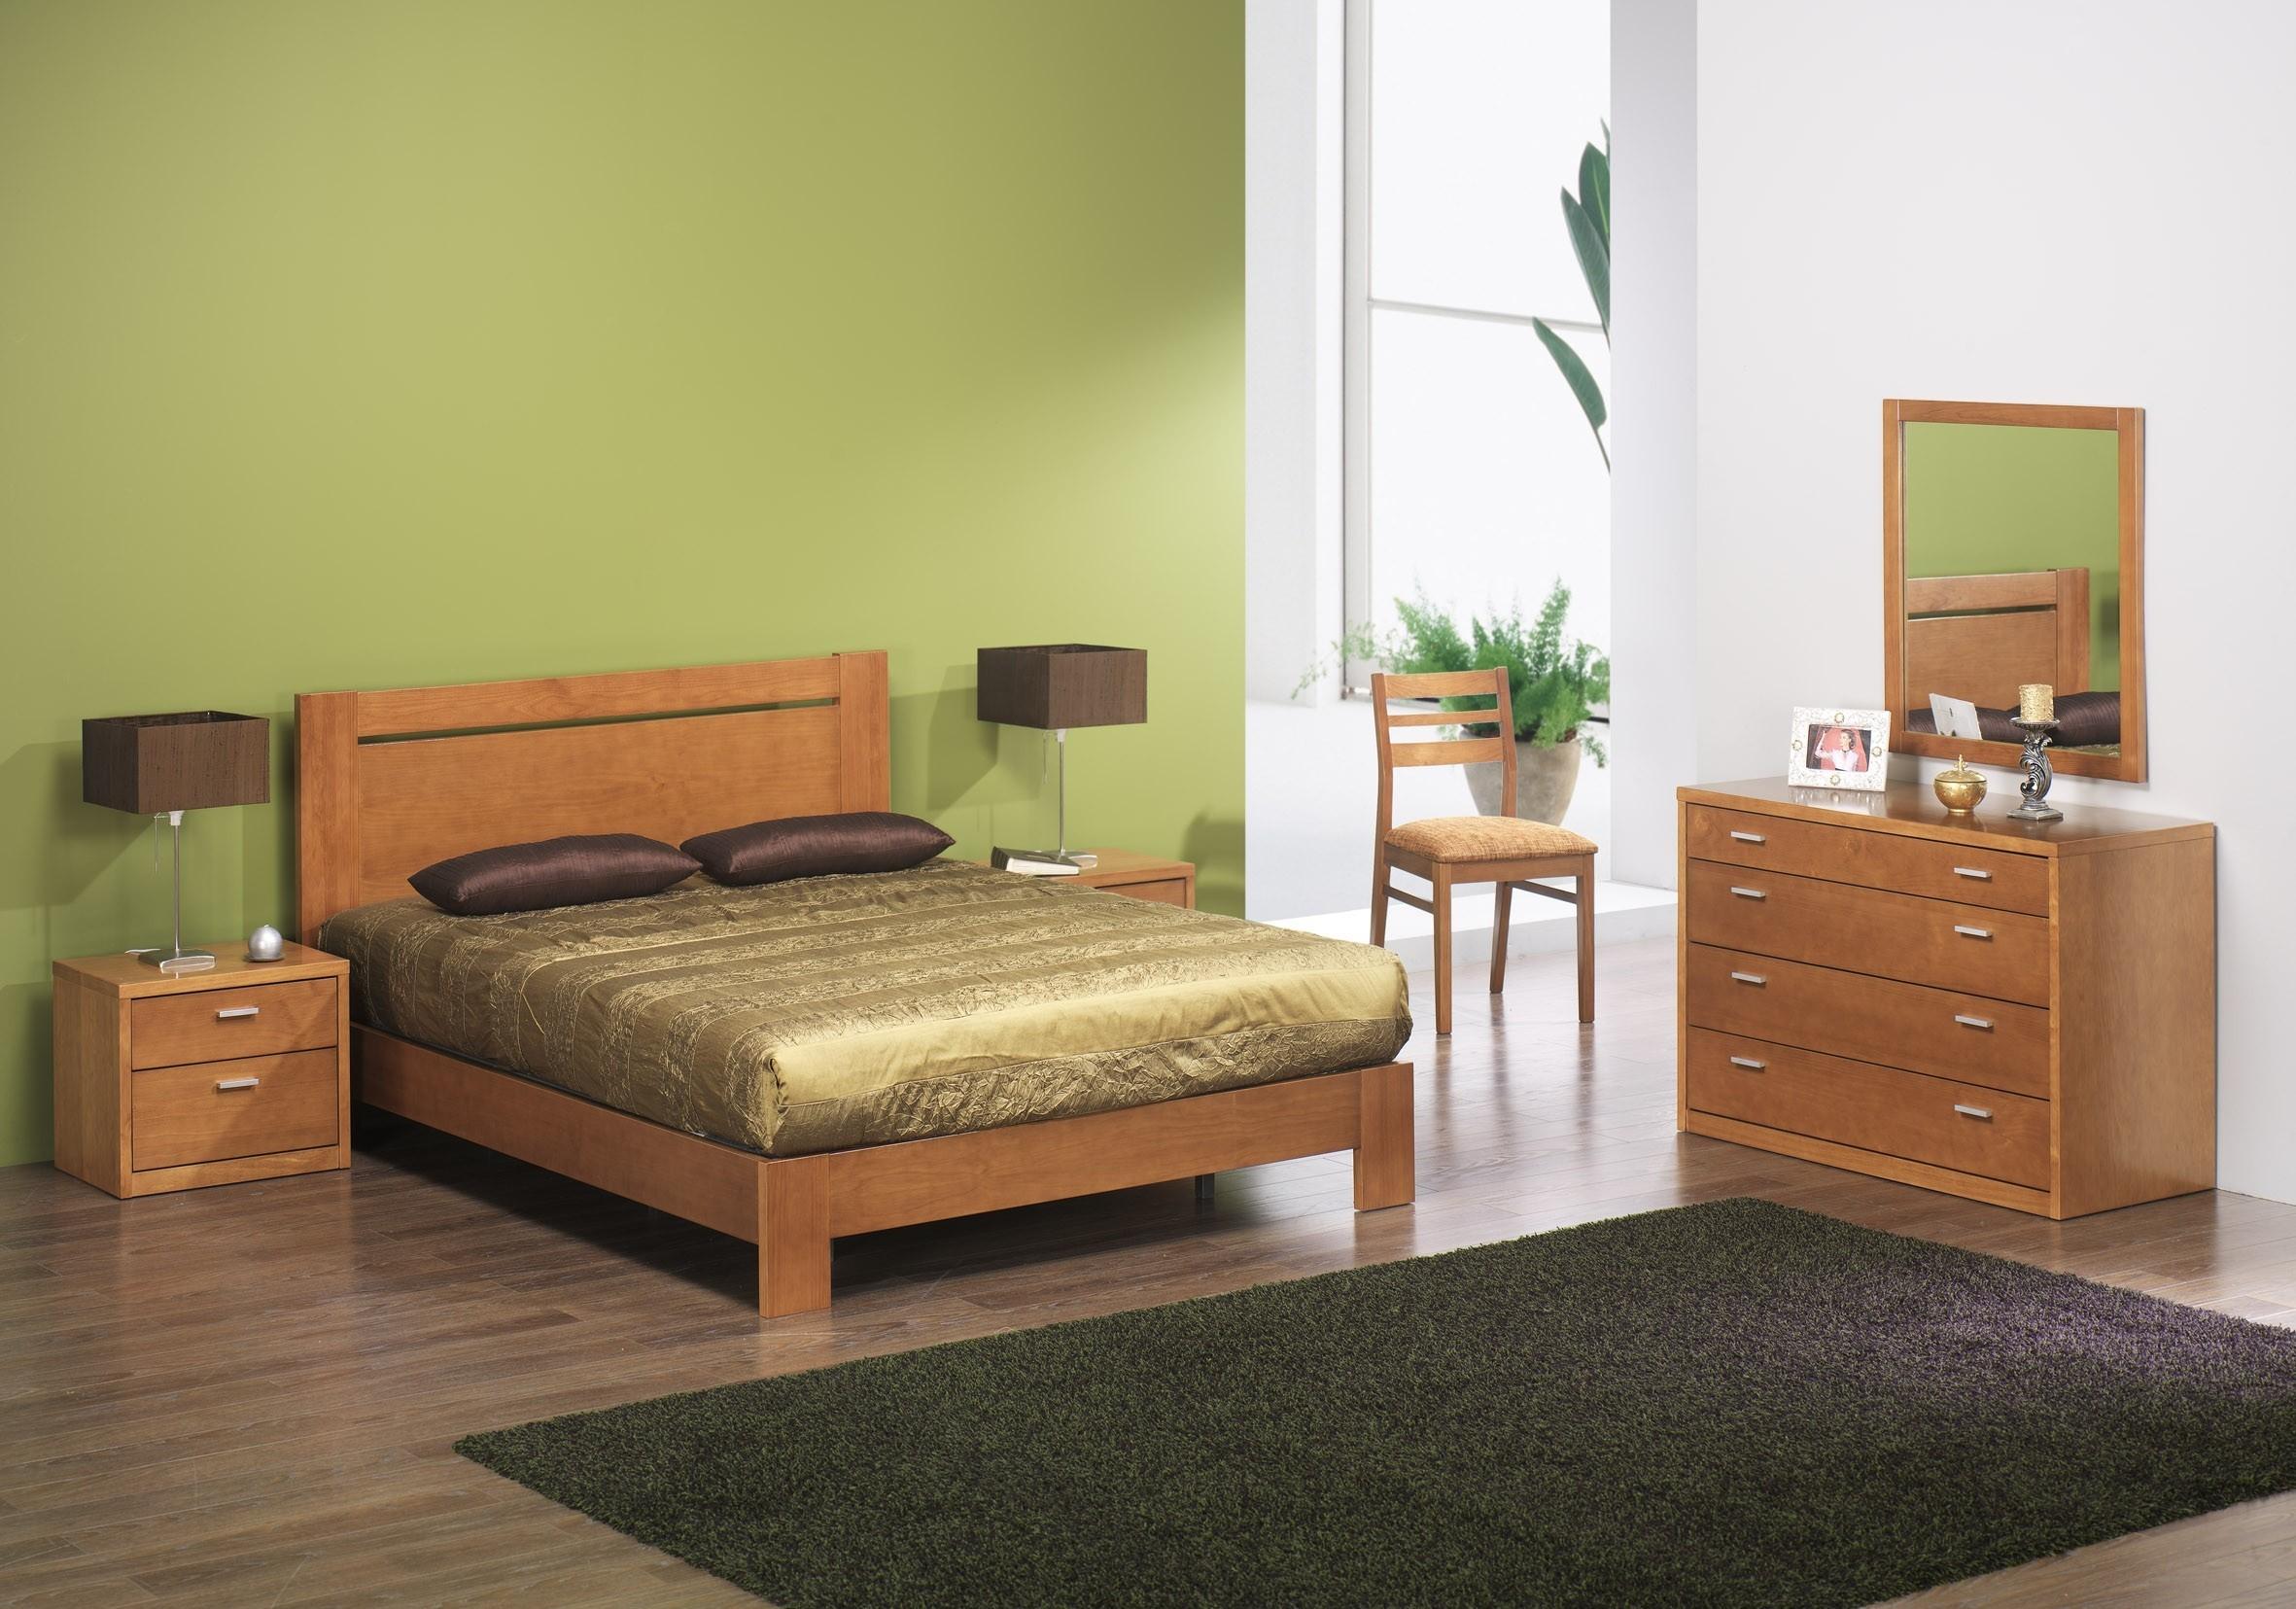 Quarto ancora com cama simples casal pinho mel 751 90 for Camas 2 por 2